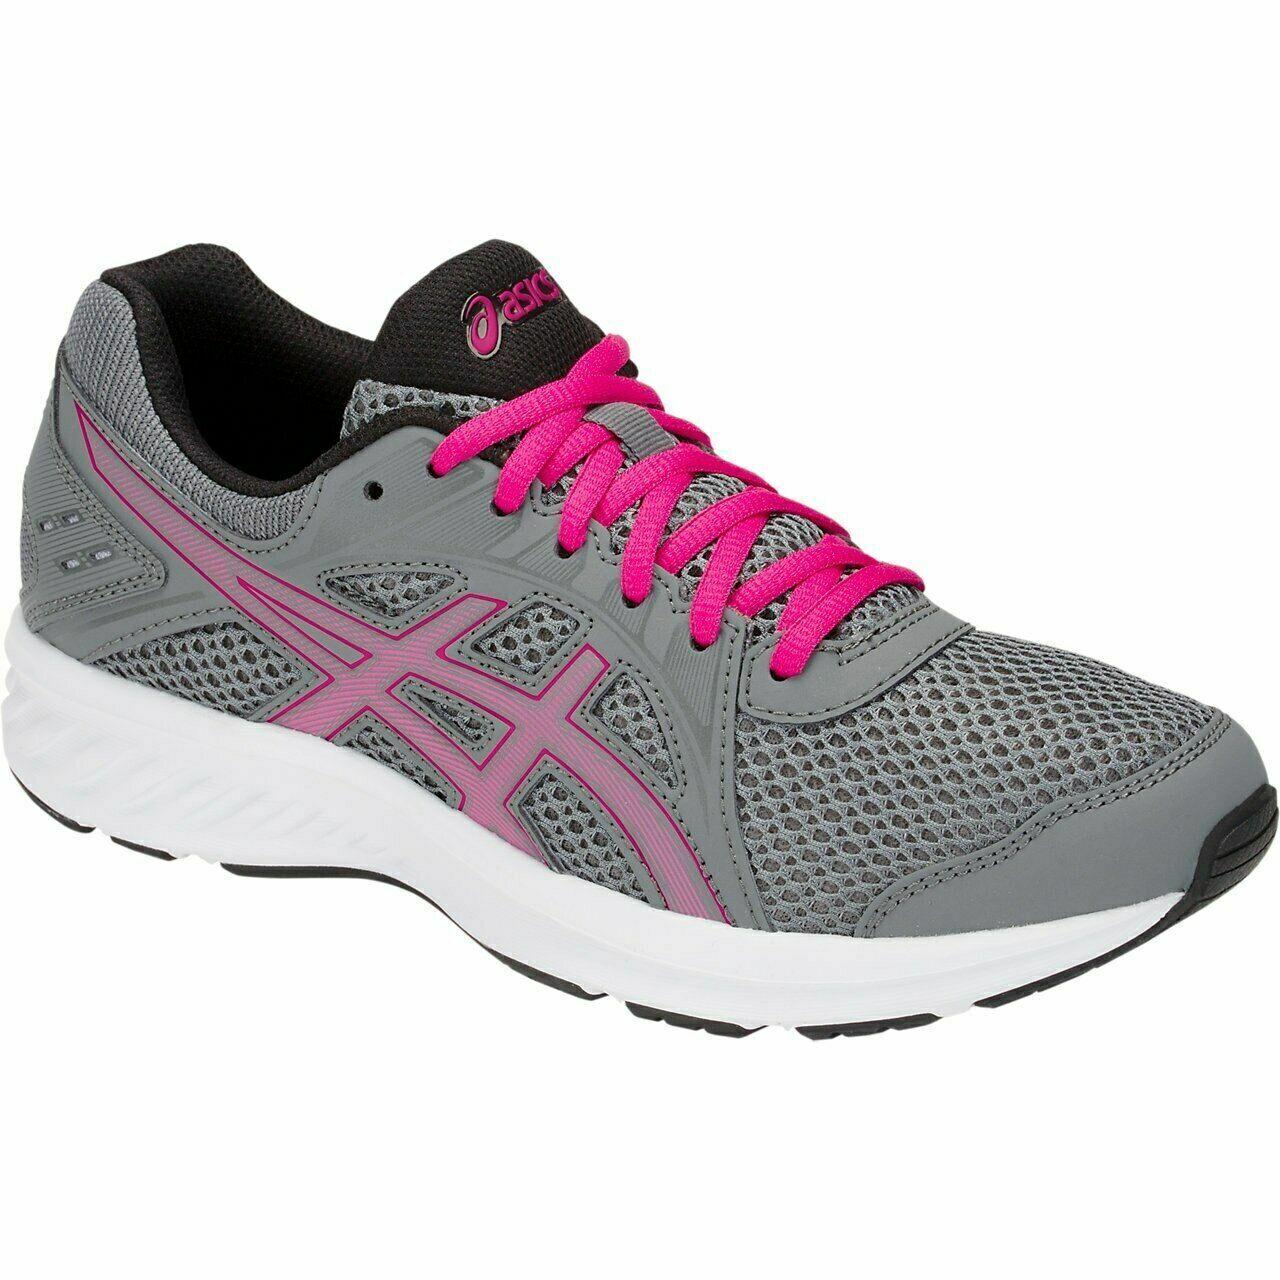 ASICS WOMEN'S Jolt 2 Chaussures de course. Couleur-Acier Gris/Rose Rave. choisir la taille.